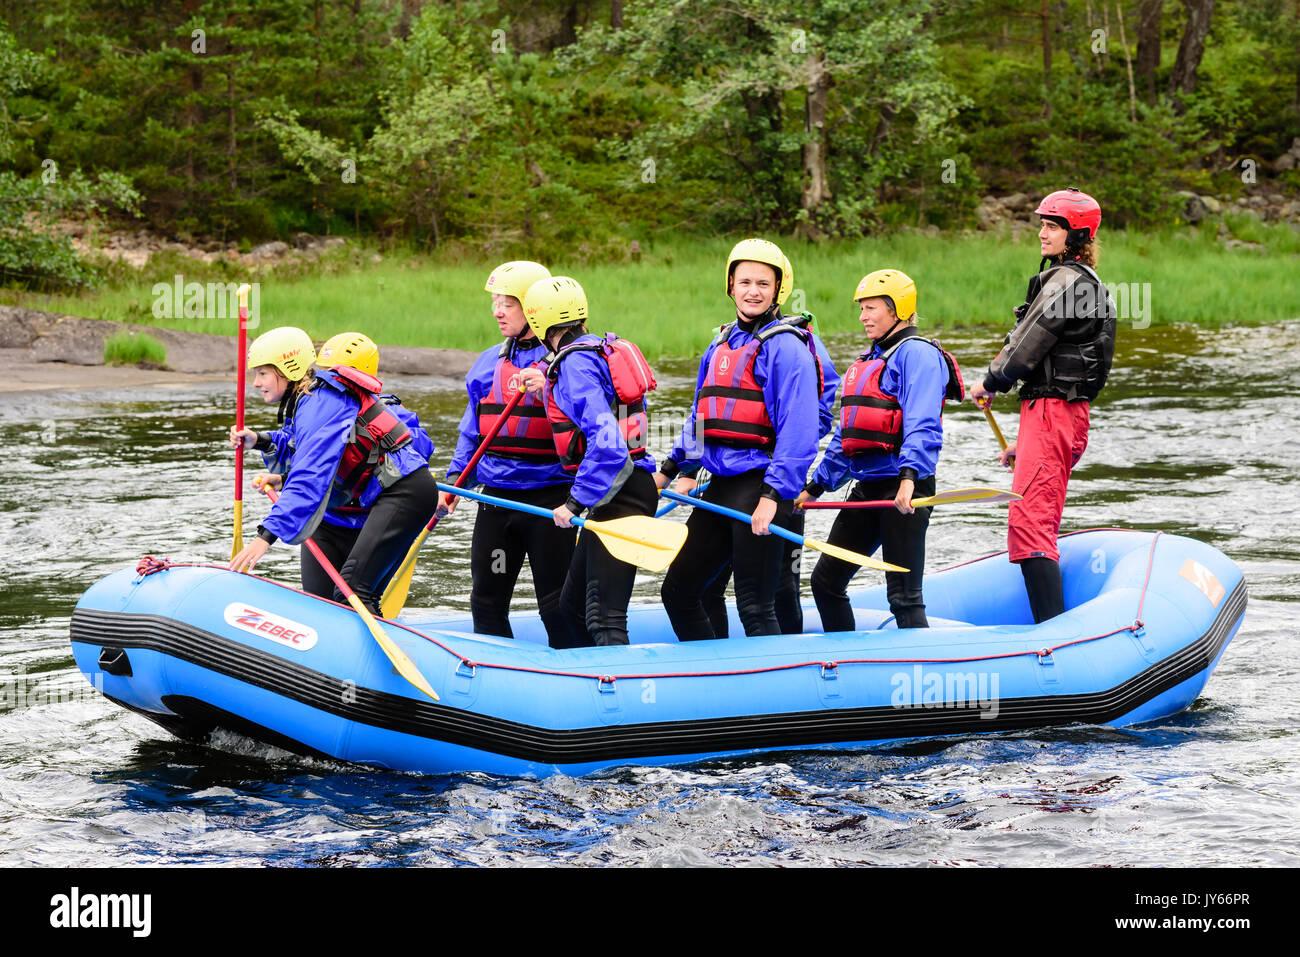 Byglandsfjord, Norvegia - 1 Agosto 2017: Travel documentario di rafting gruppo avente un'avventura sul fiume. Gruppo in piedi in barca mentre nella calma wat Immagini Stock